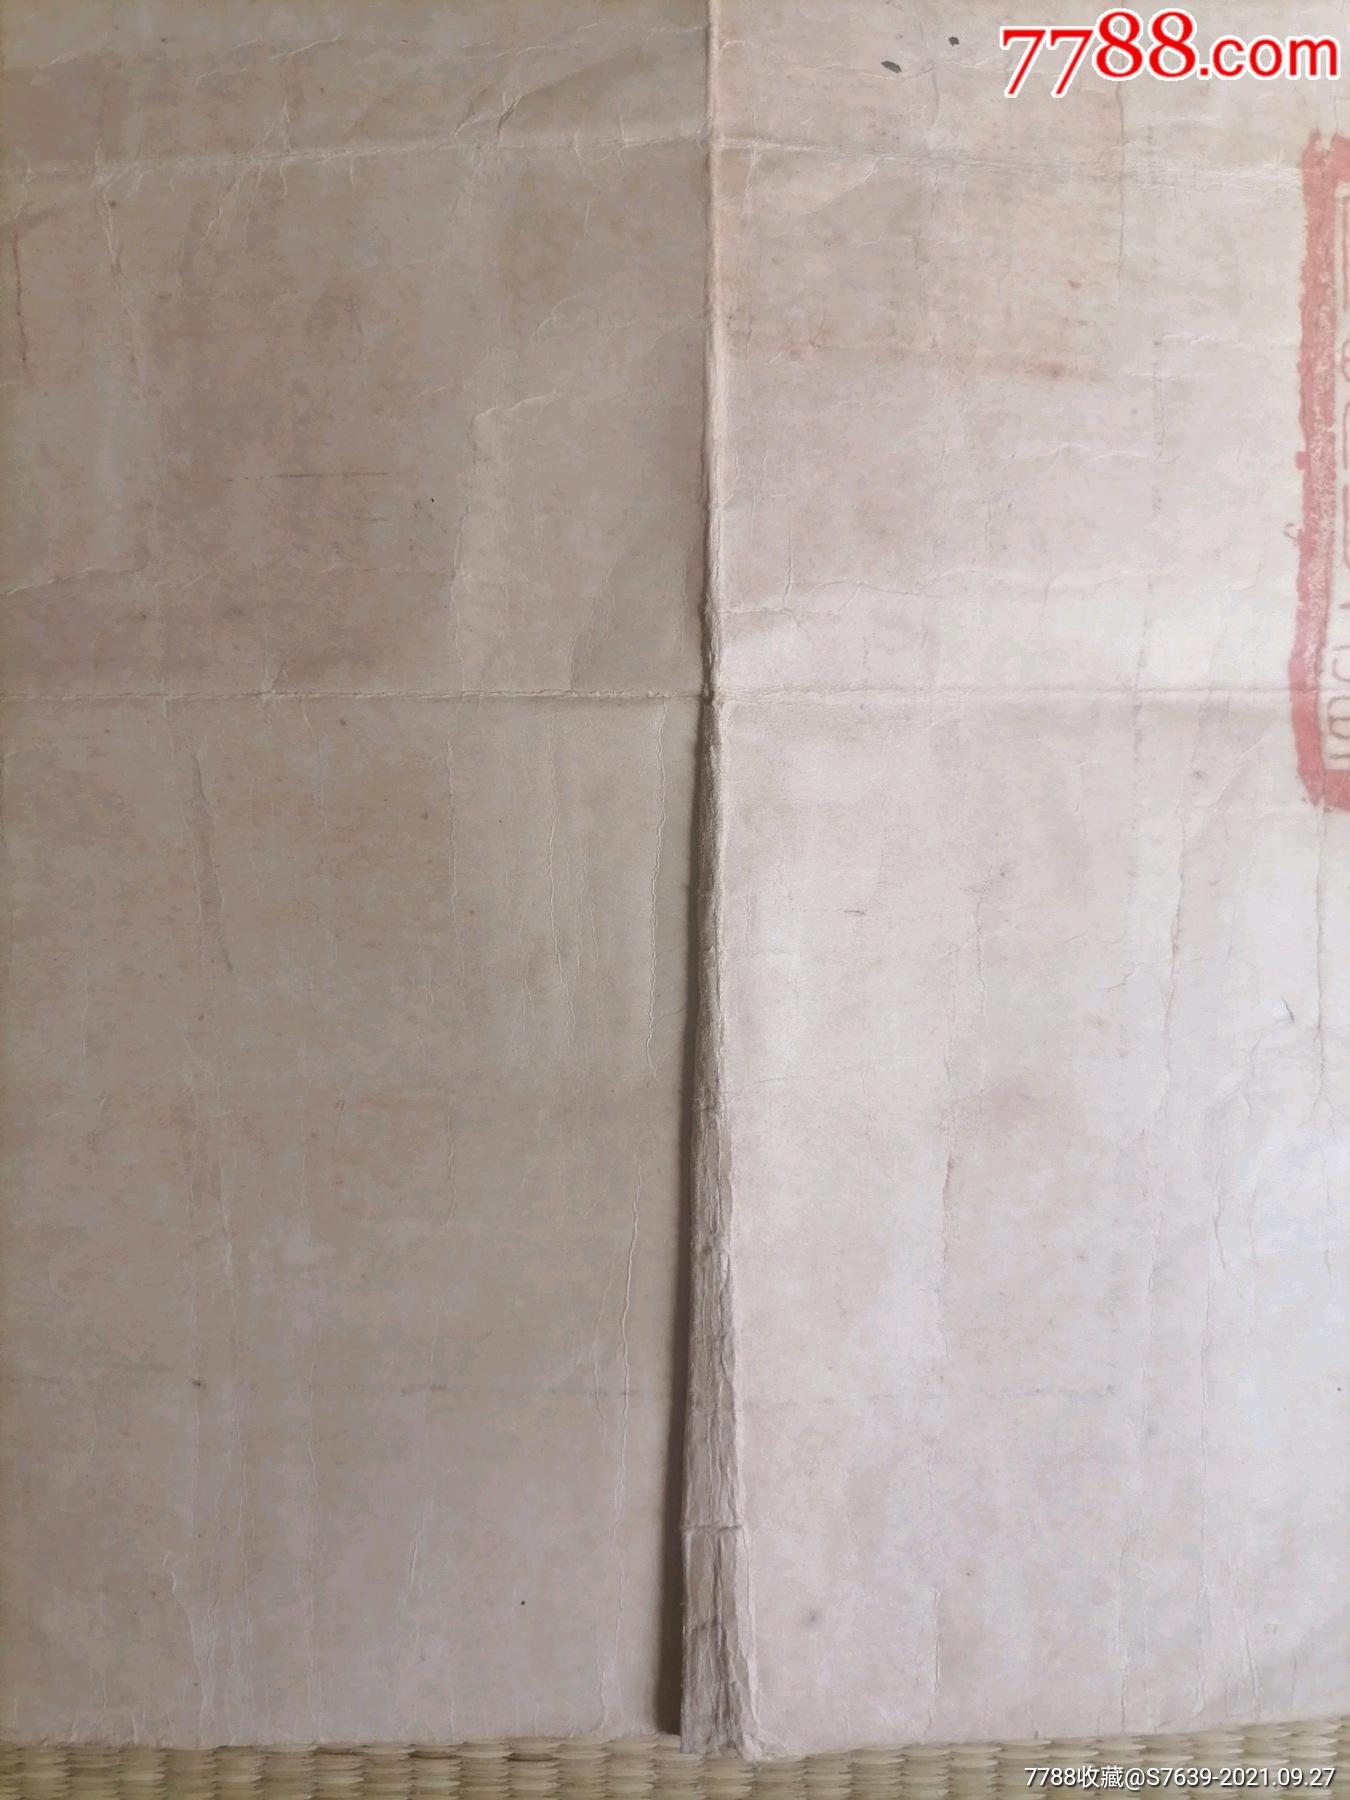 低拍罕见南京教育史料民国【国立东南大学毕业证】蒋维乔,孙洪芬手签毕业证书和成绩单_价格17727元_第11张_